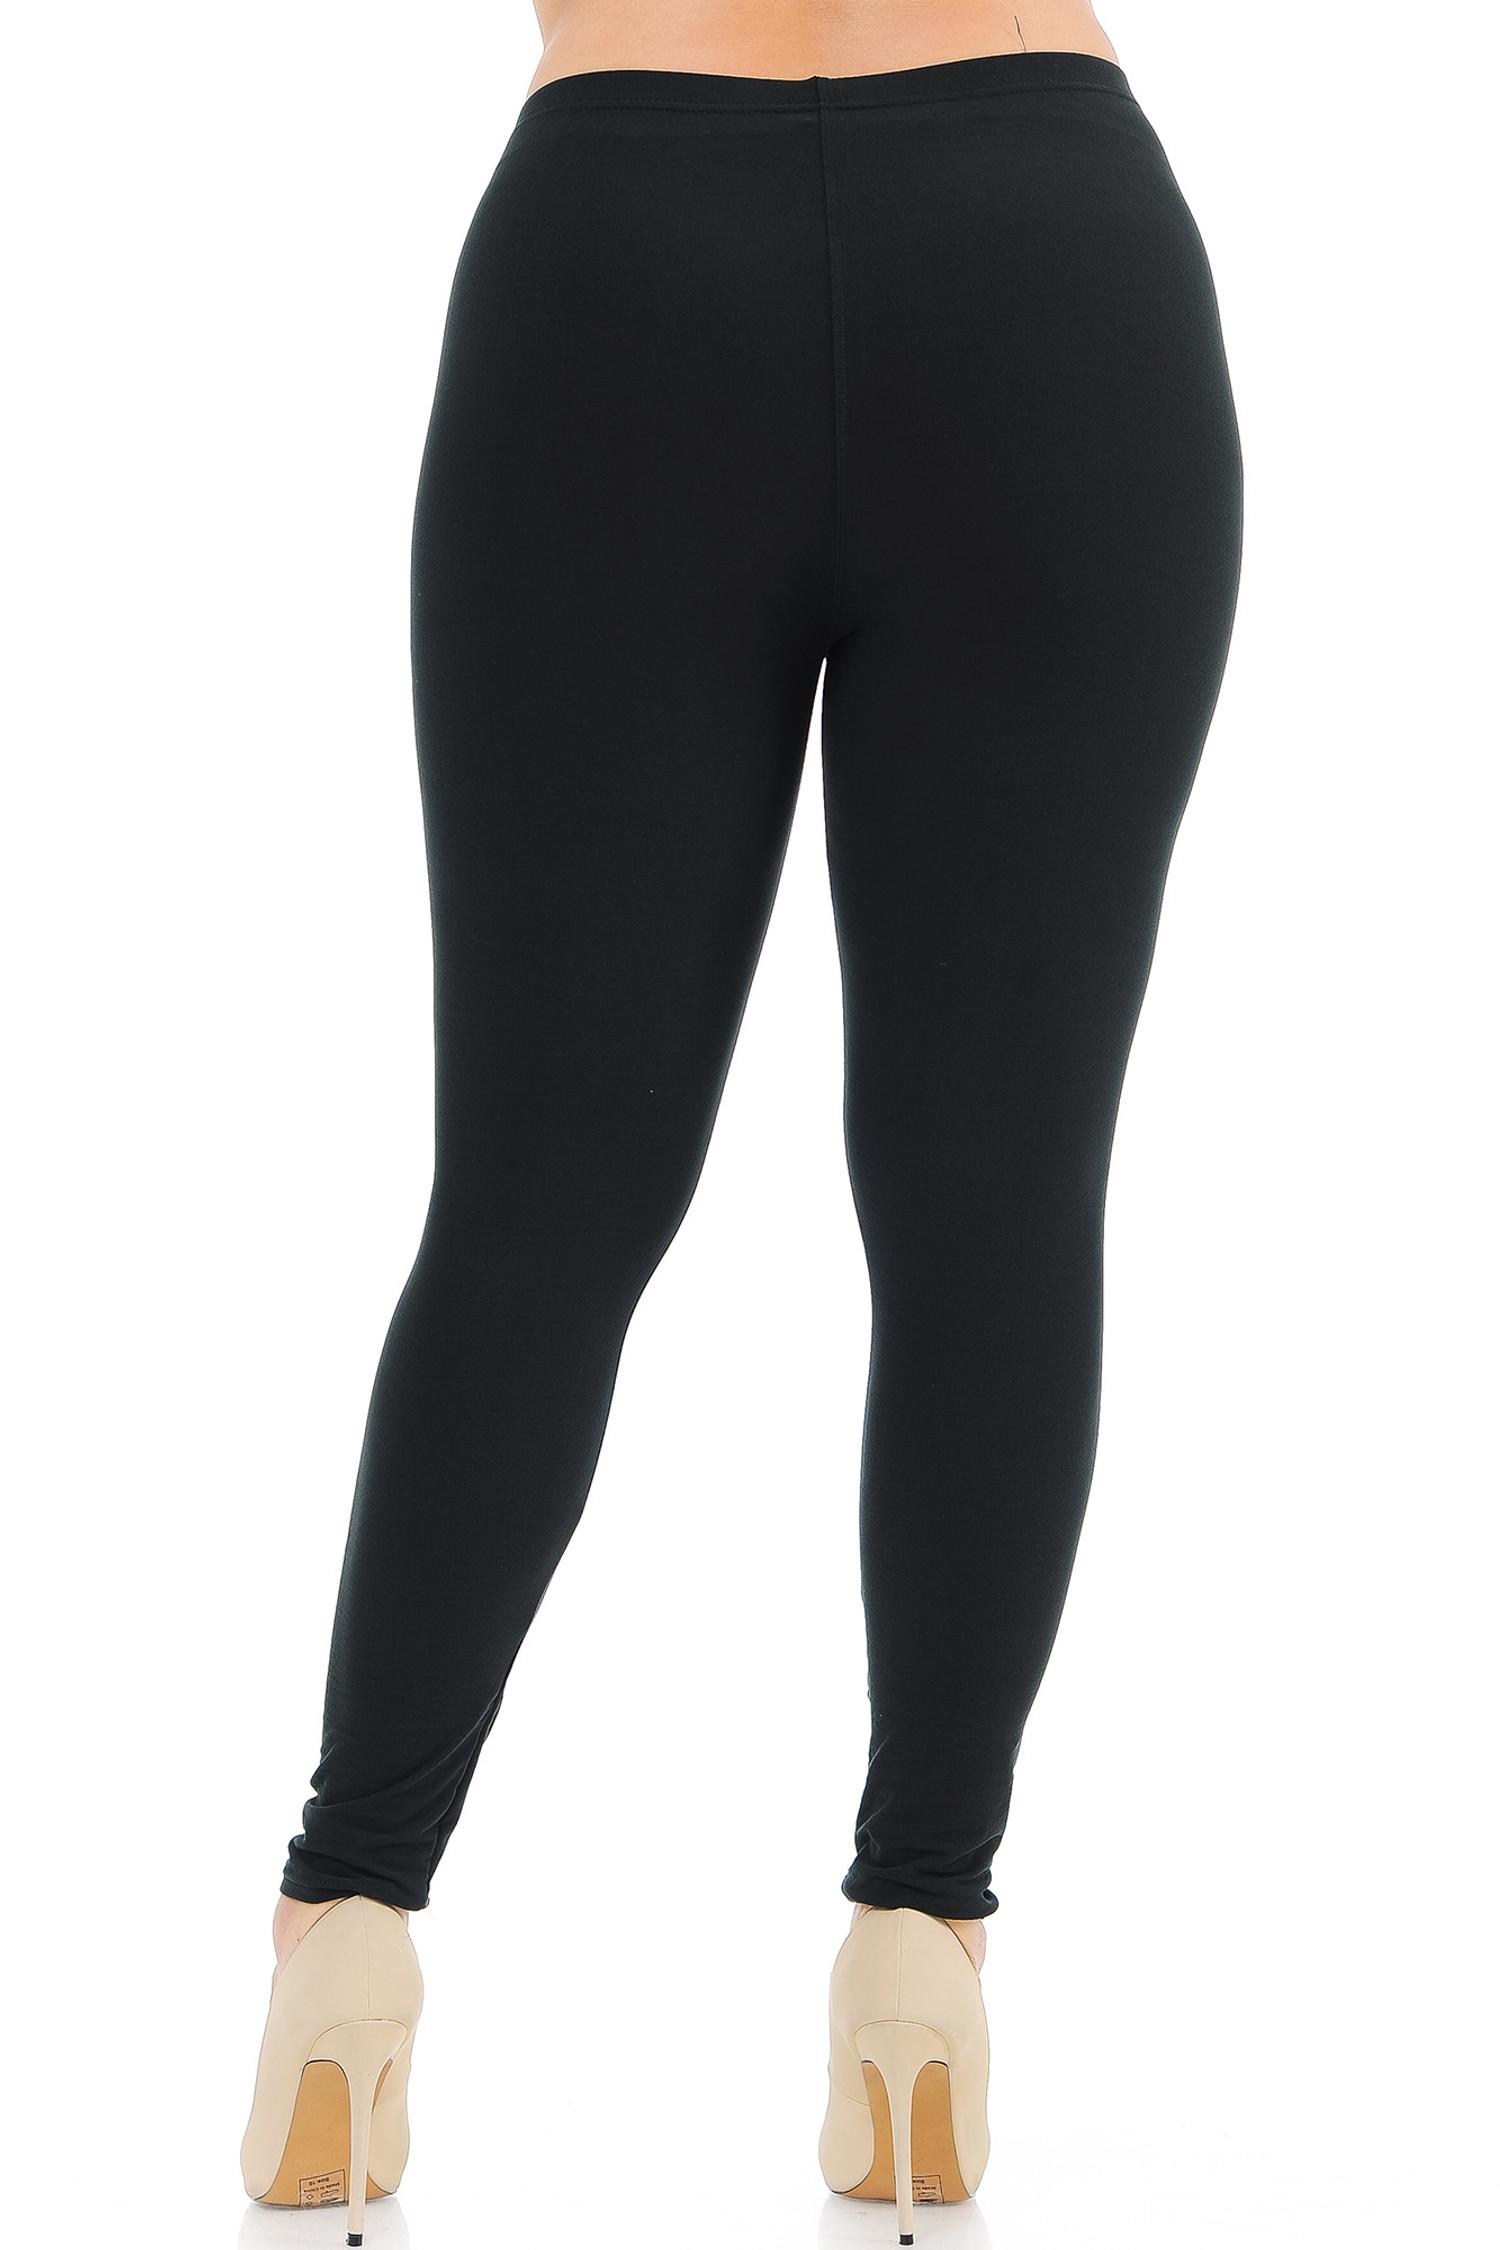 Brushed Basic Solid Plus Size Leggings - New Mix